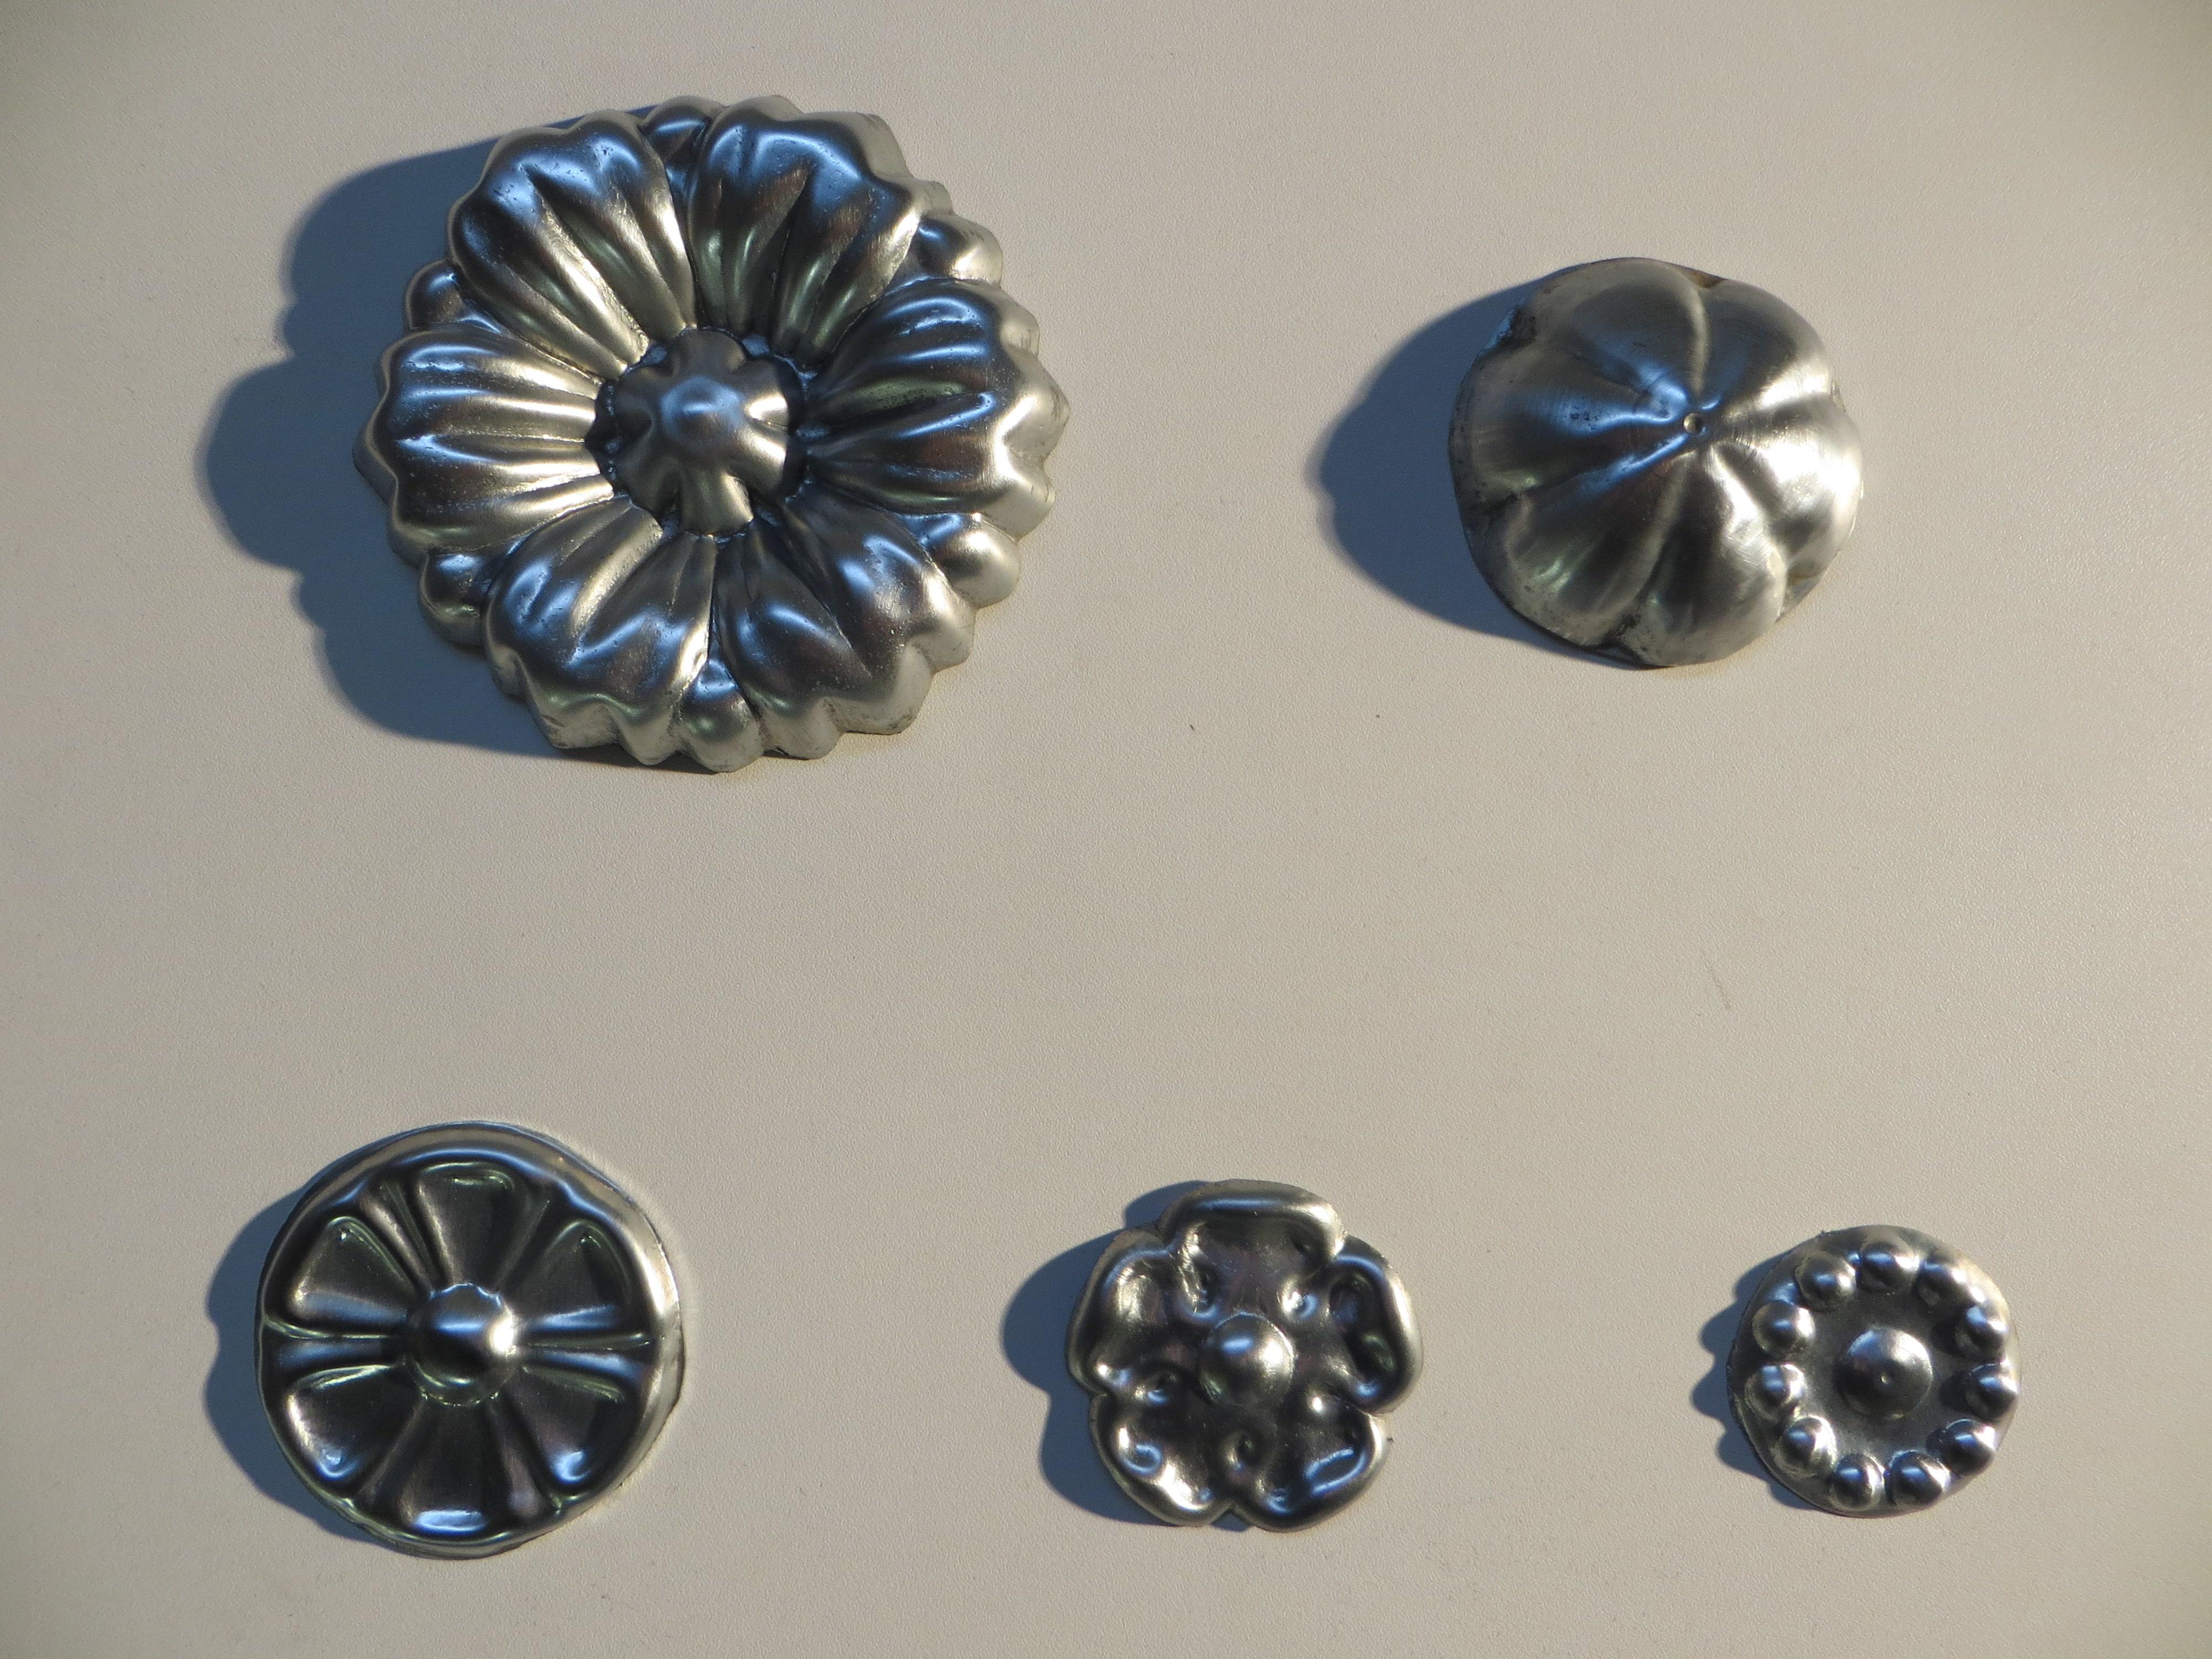 Rosaces estampées en Zinc naturel. En haut, de gauche à droite : Ref.R1 diam.135mm / Ref.R2 diam.80mm  En bas, de gauche à droite : Ref.R3 diam.80mm / Ref.R4 diam 70mm / Ref.R5 diam 55mm